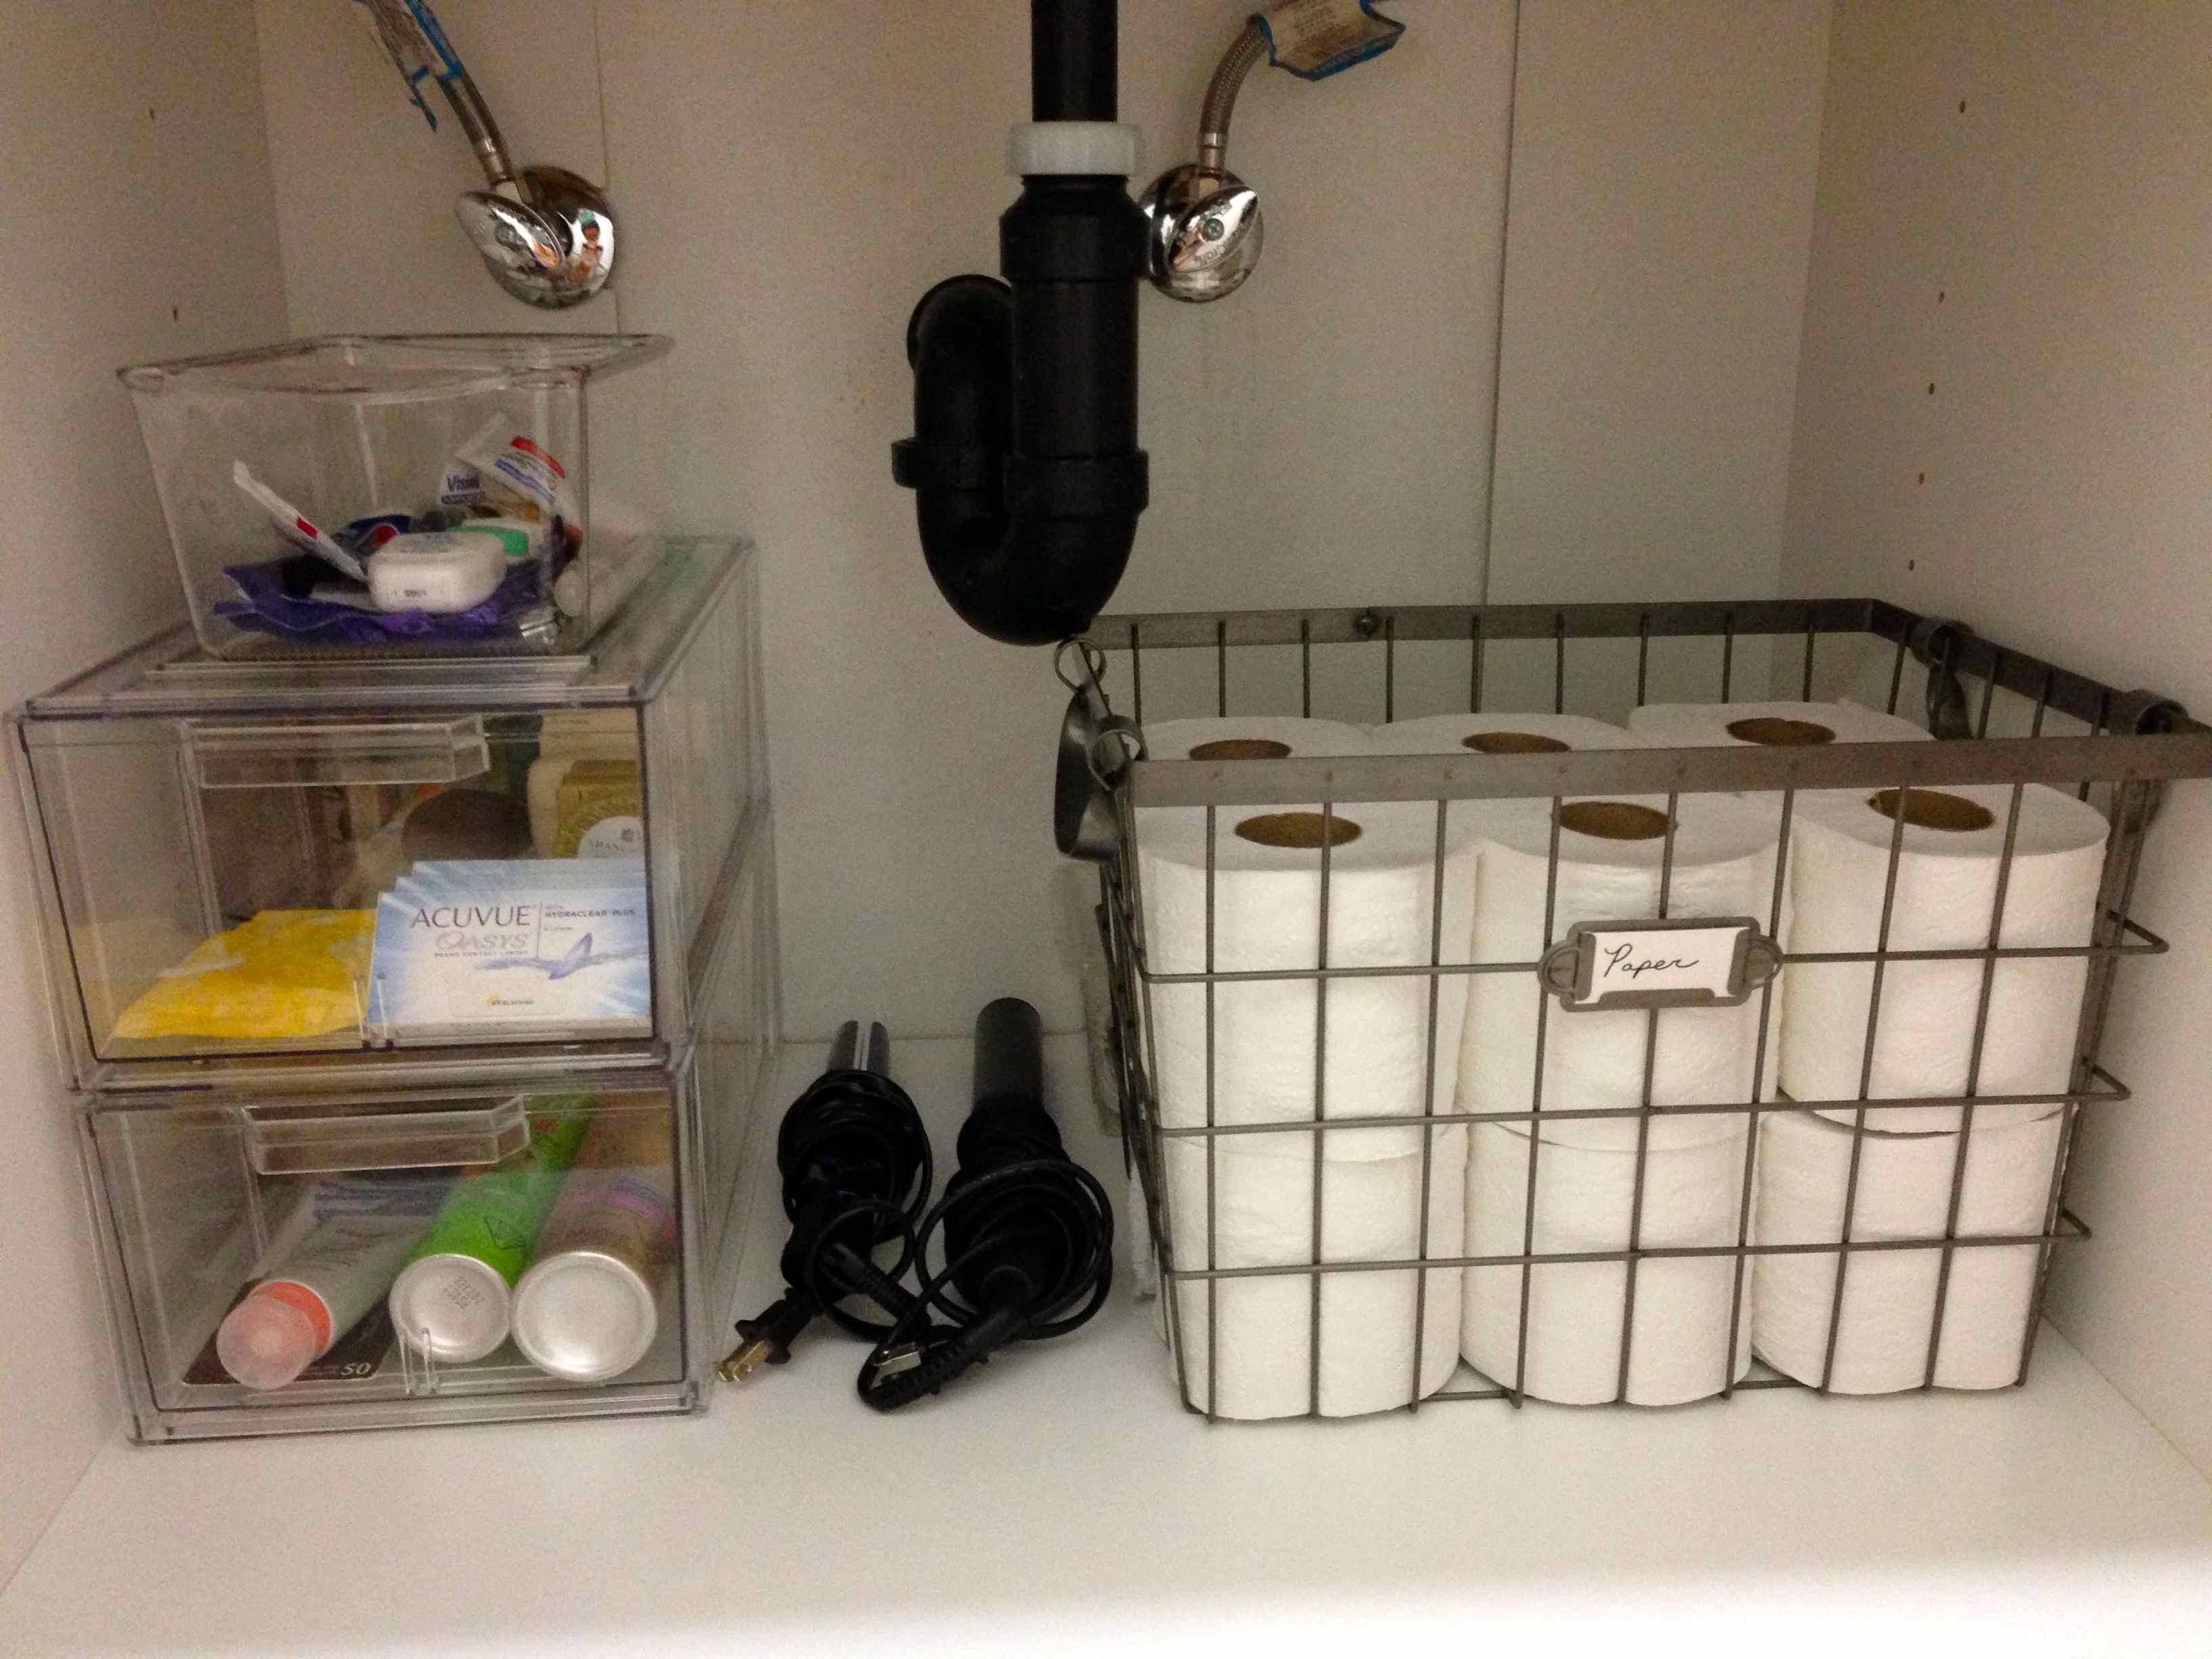 Best ideas about Bathroom Sink Organizer . Save or Pin Under Bathroom Sink Organized Now.